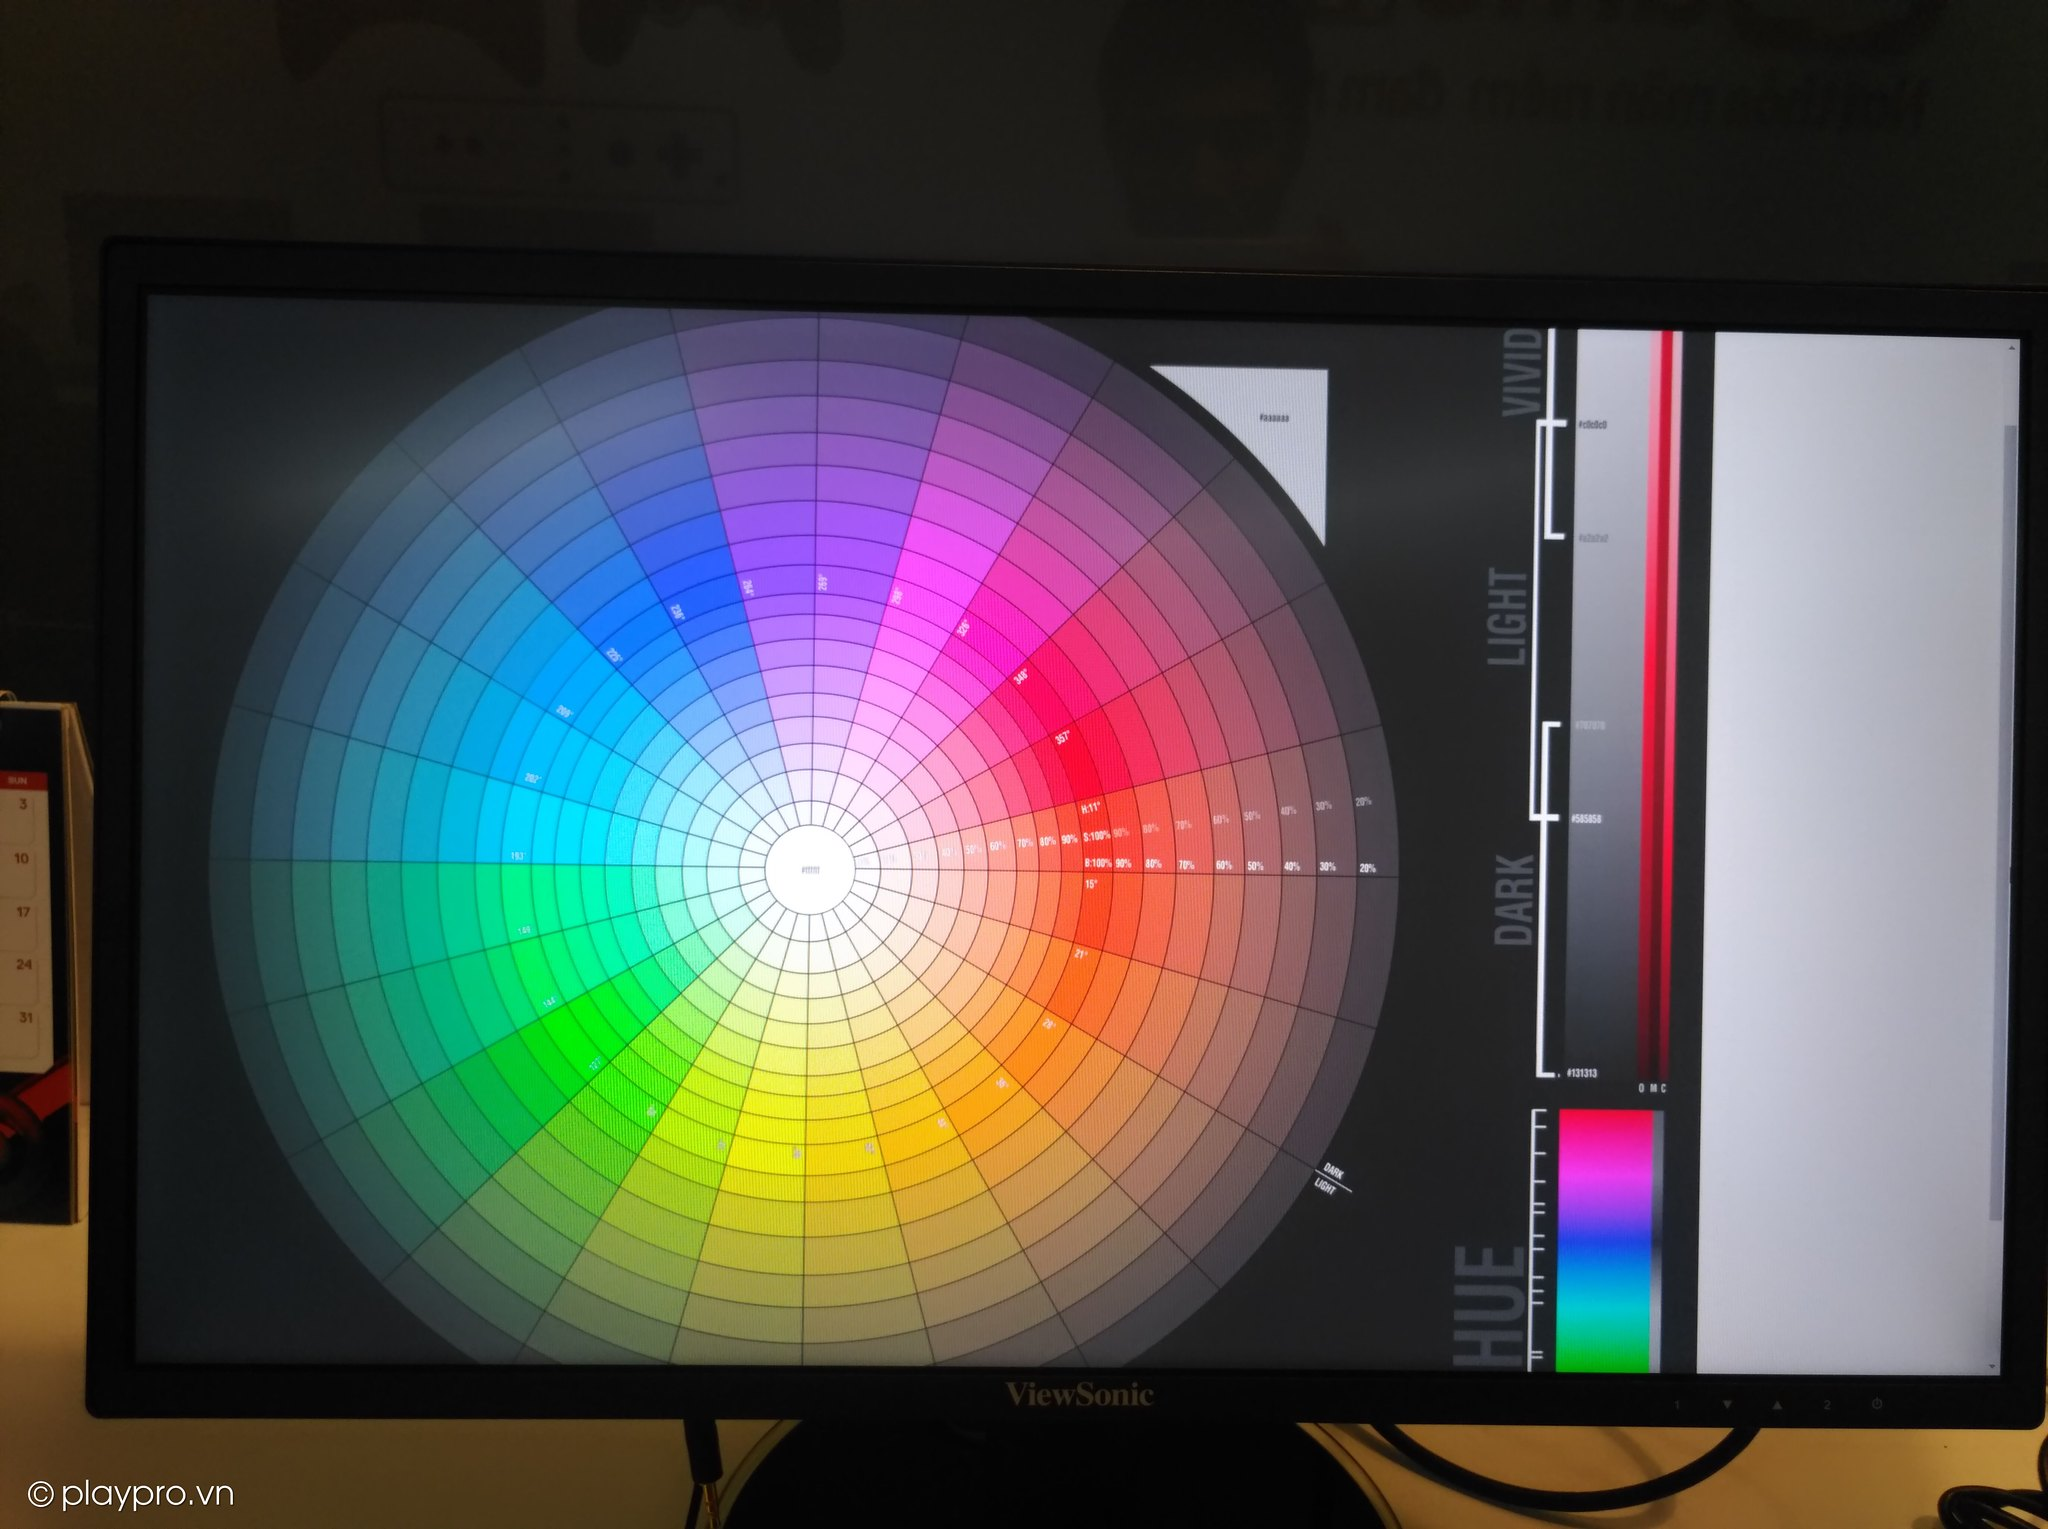 Bóc hộp và đánh giá nhanh màn hình ViewSonic VA2219-SH